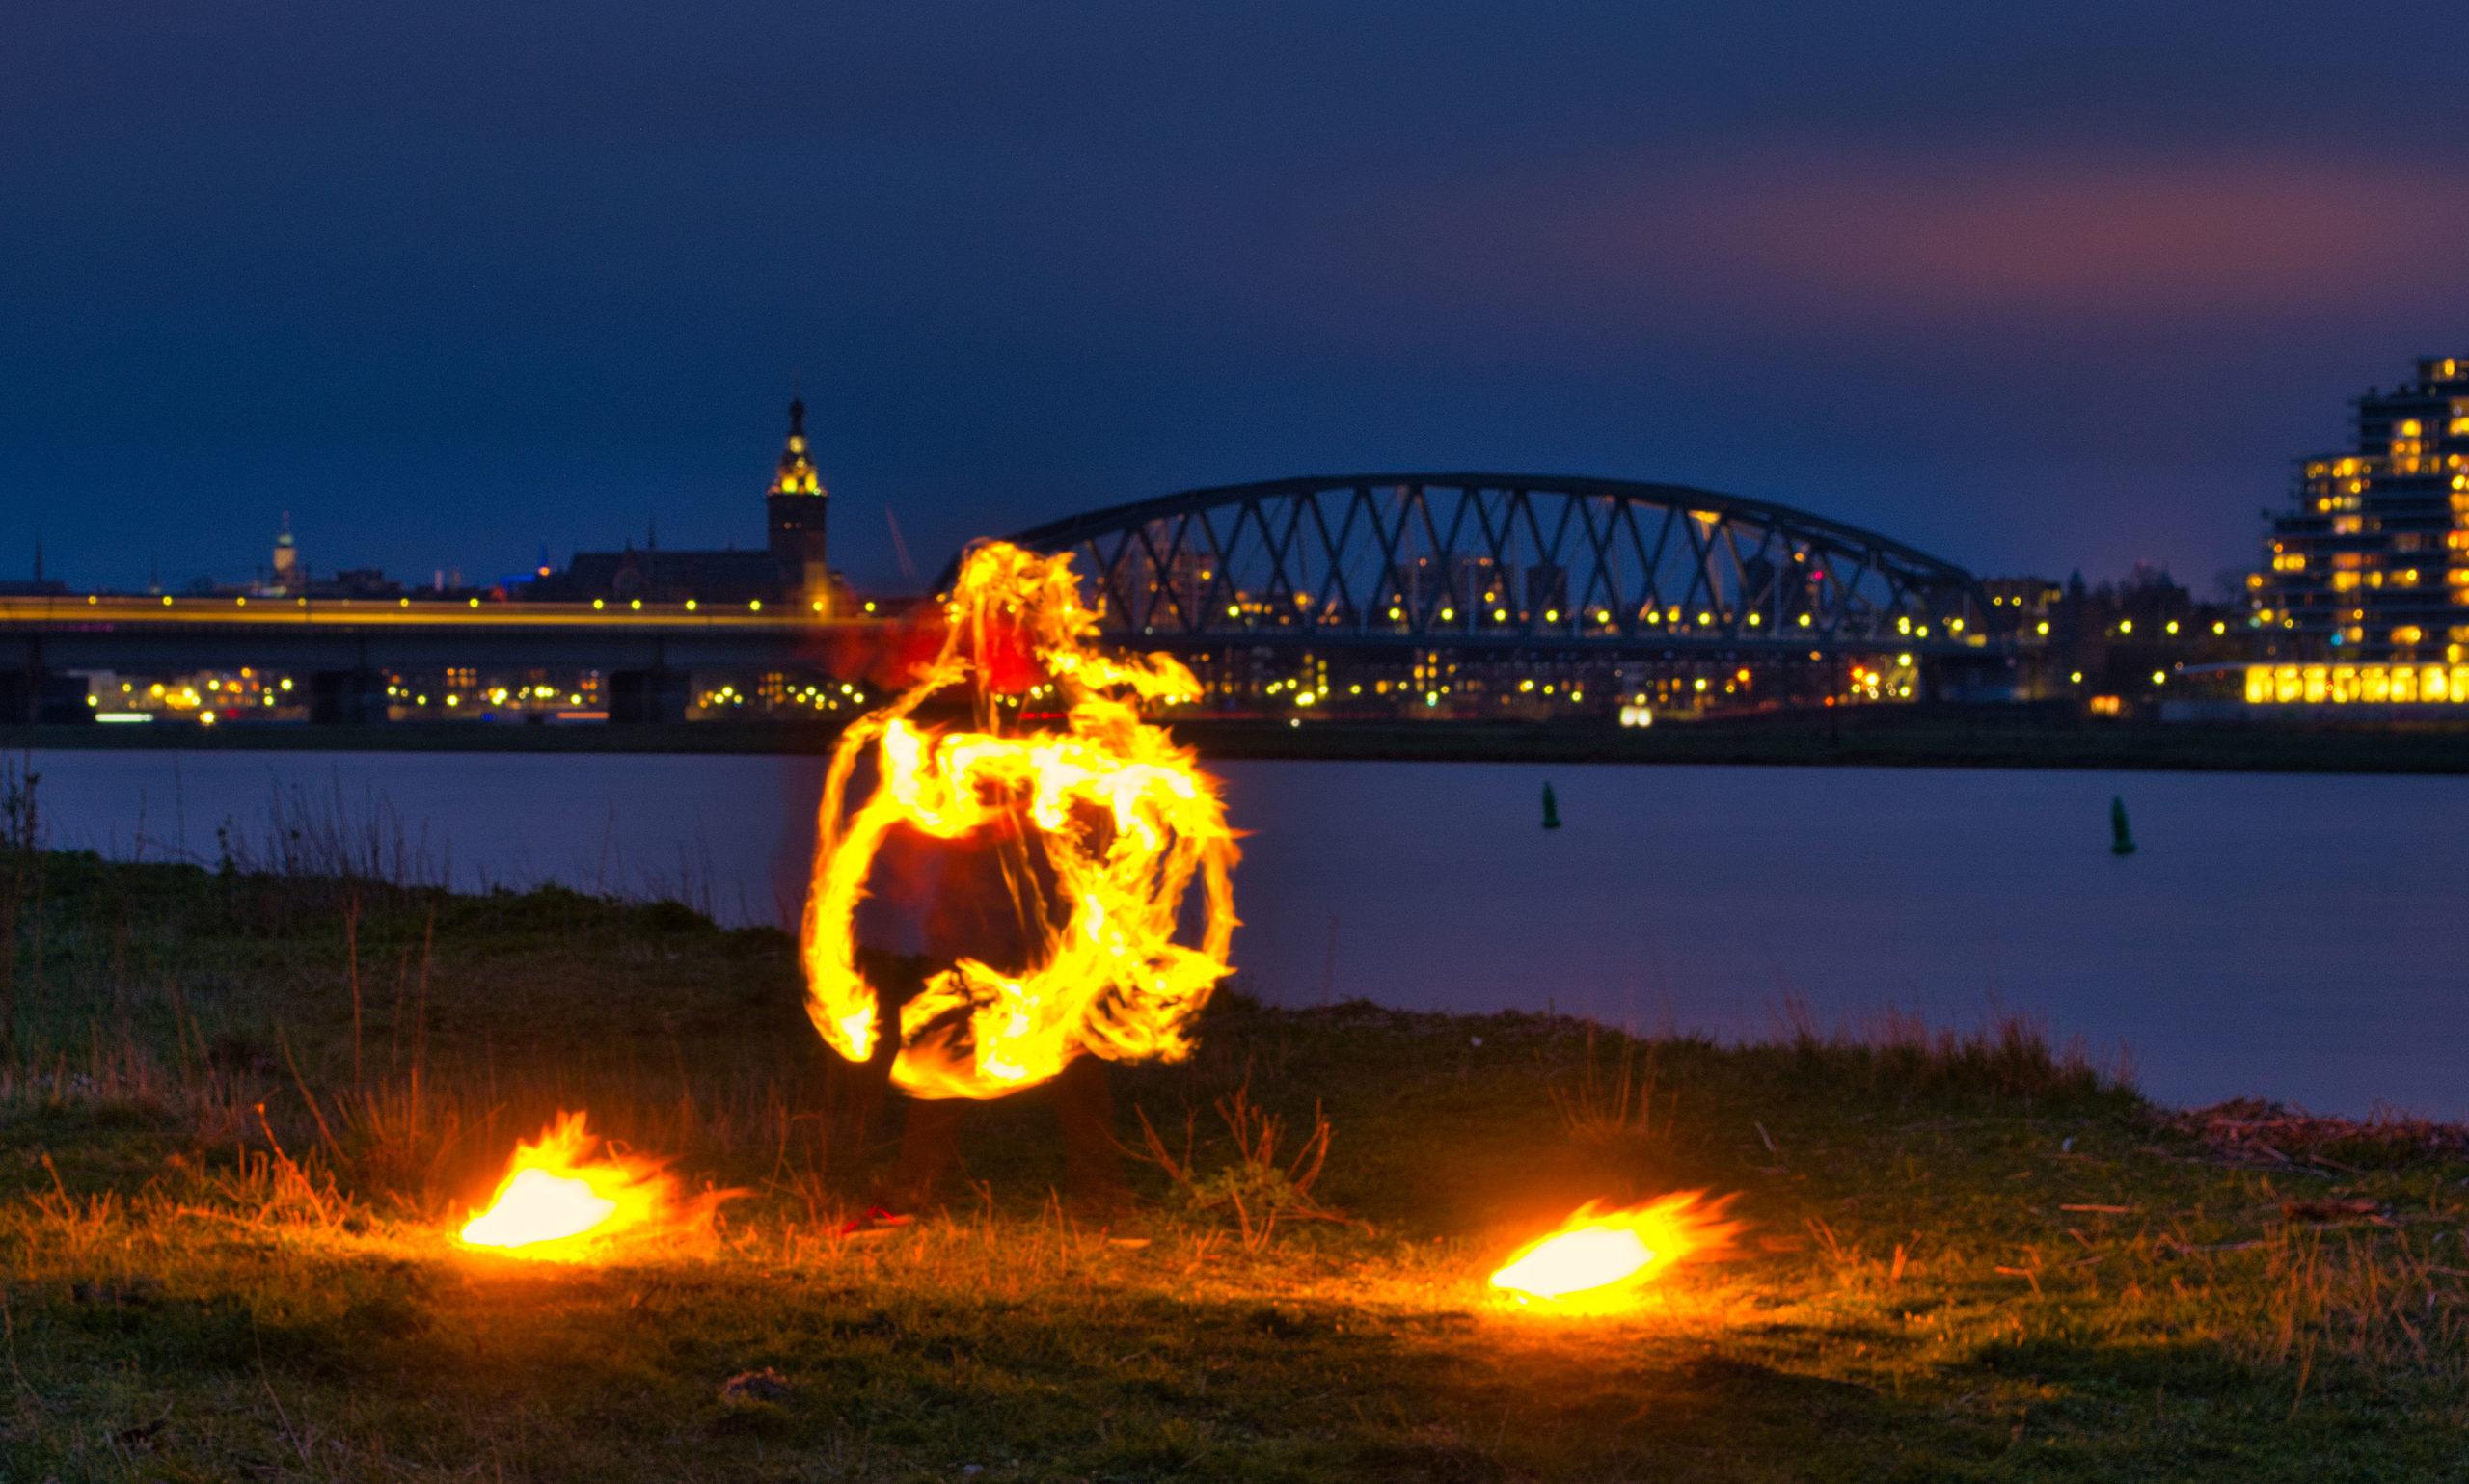 Vuurshow Kiko vuur jongleren - jongleren met fakkels - aan de Waal in Nijmegen